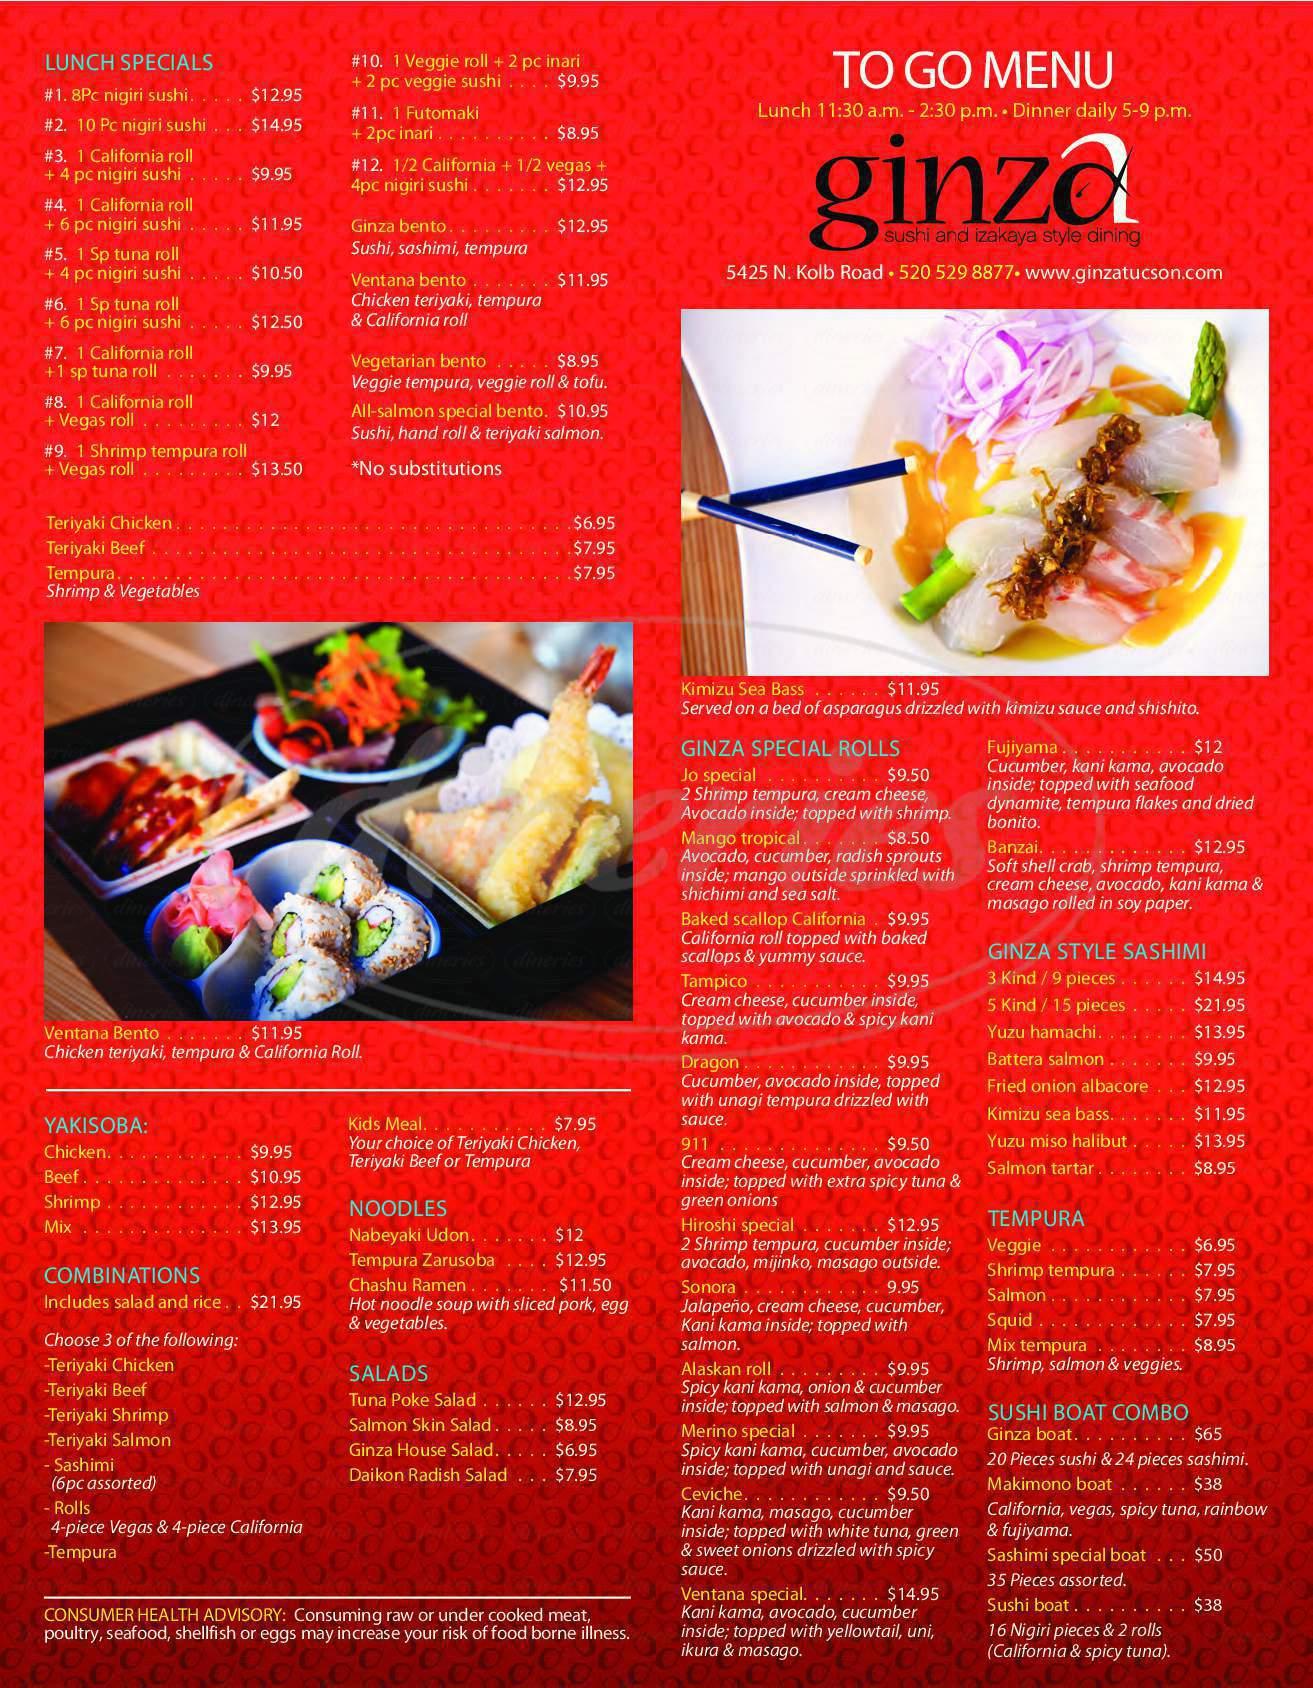 menu for Ginza Sushi